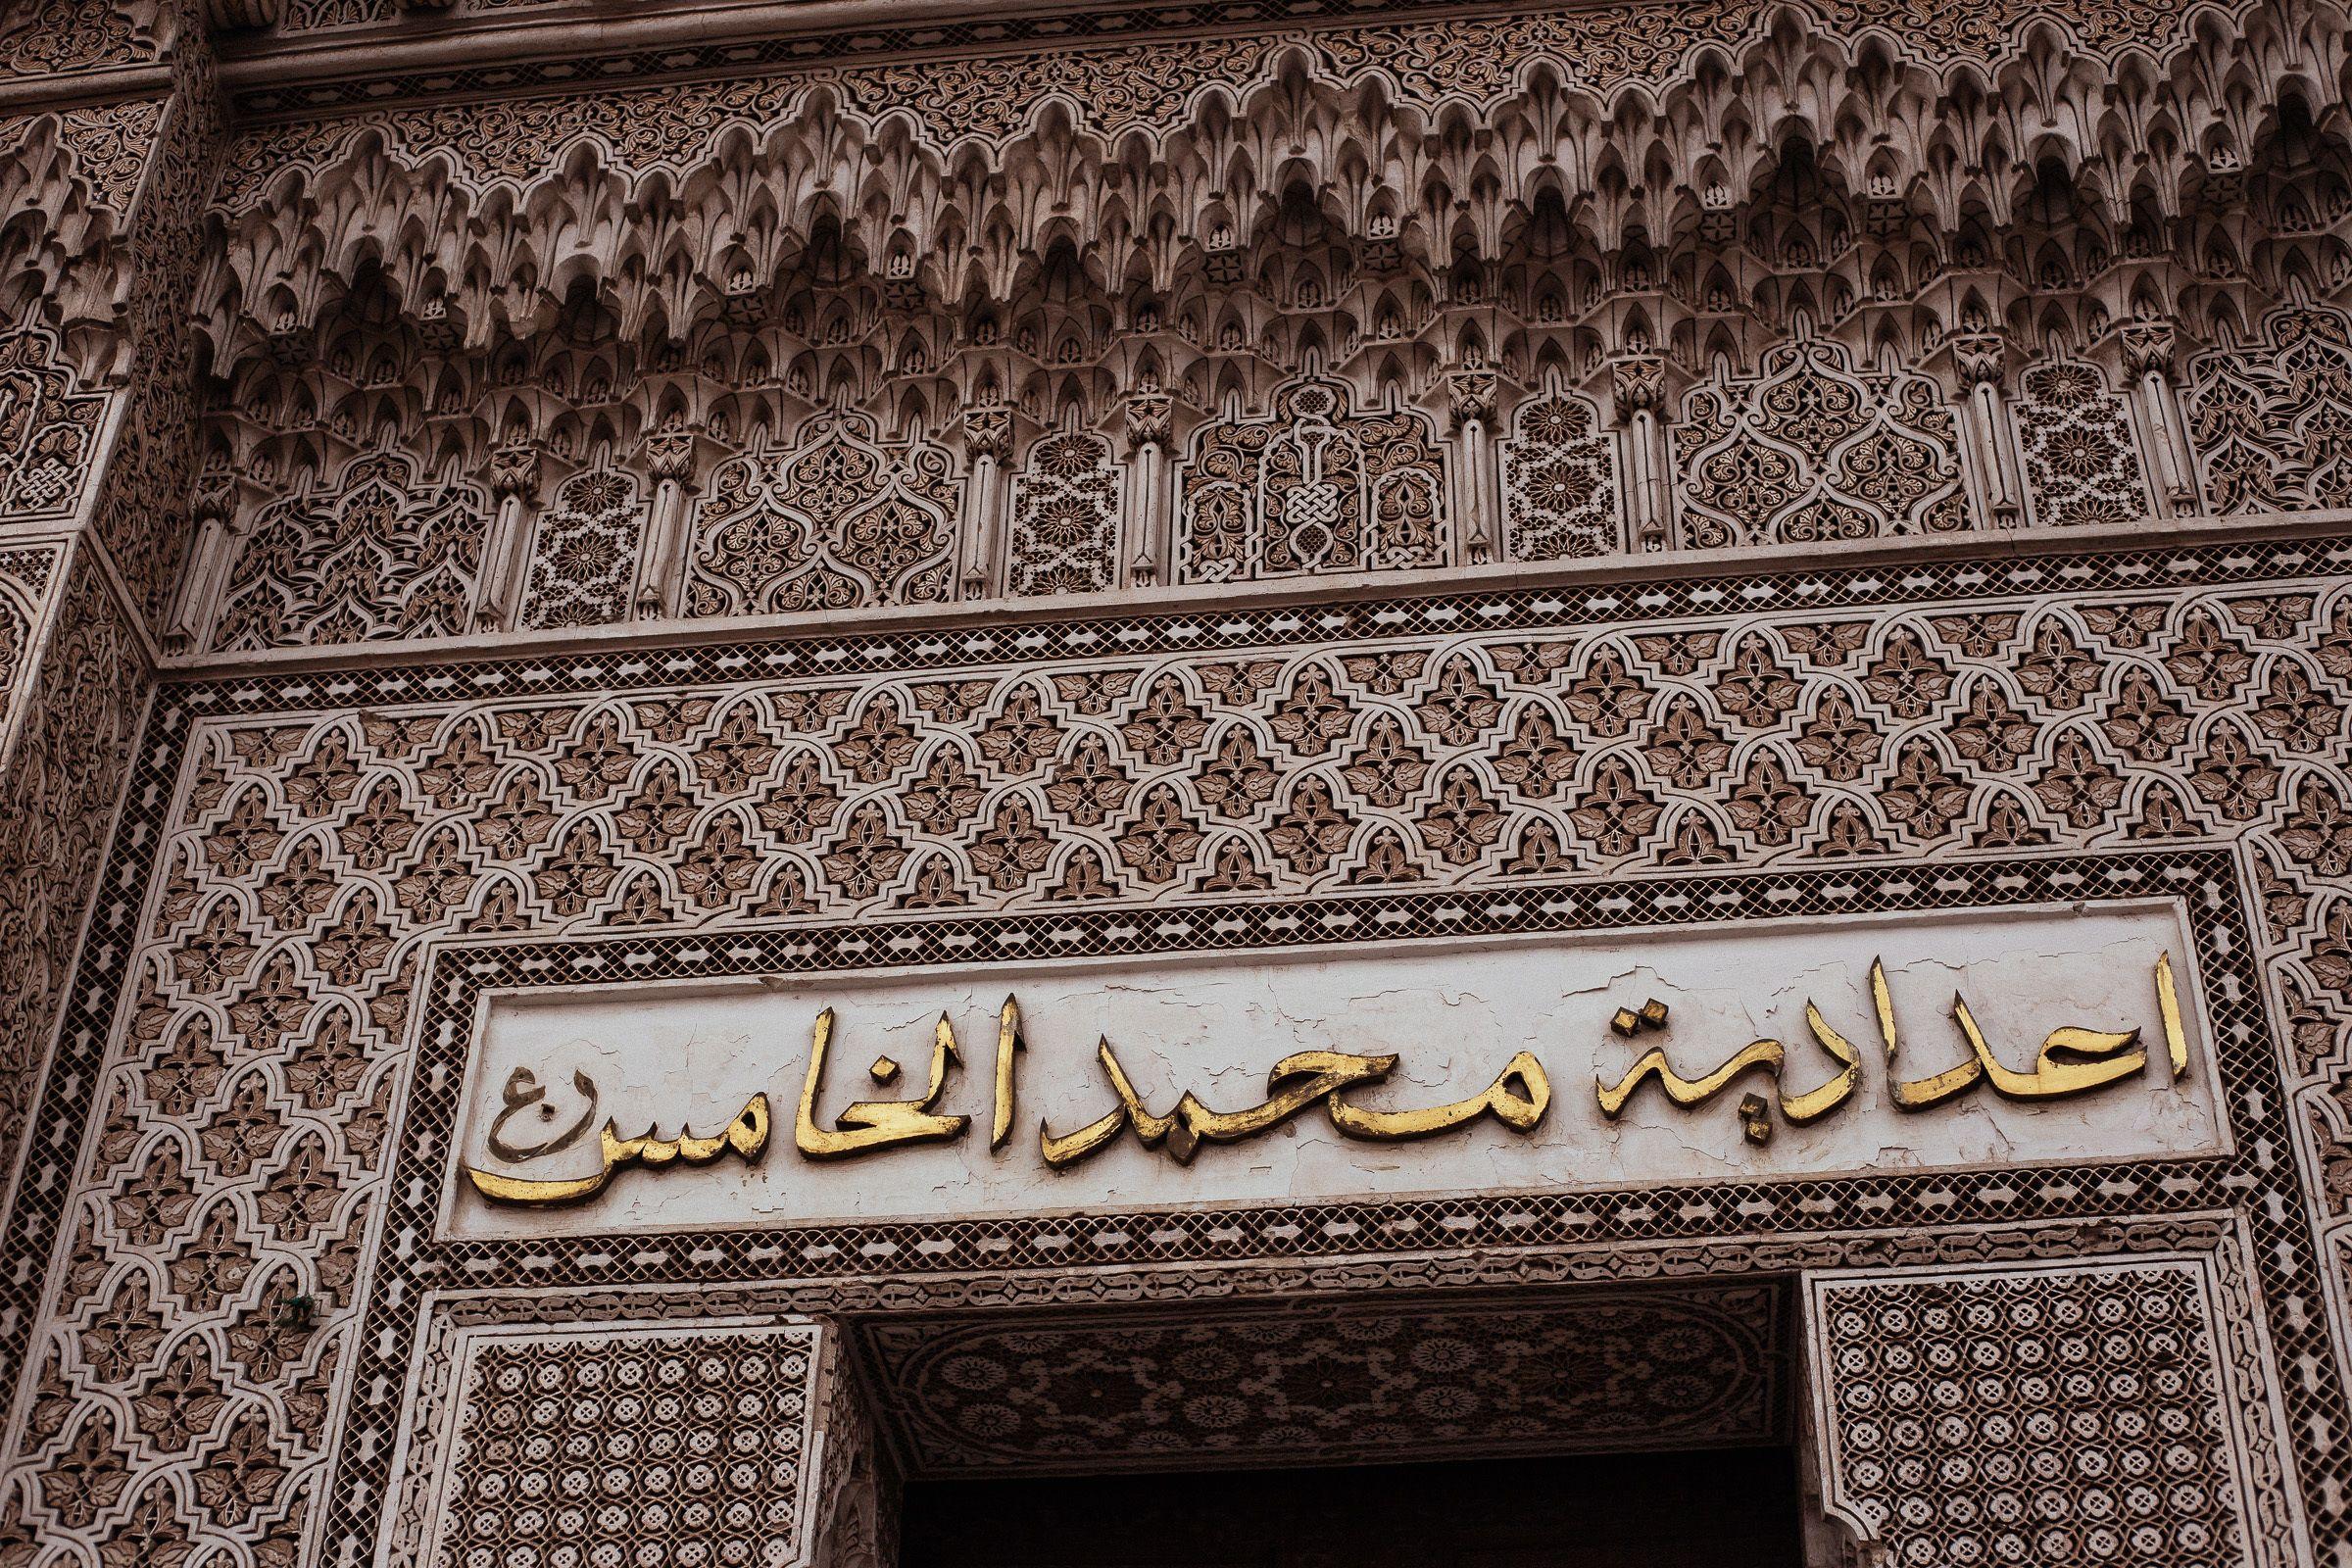 Exterior of a khanqah